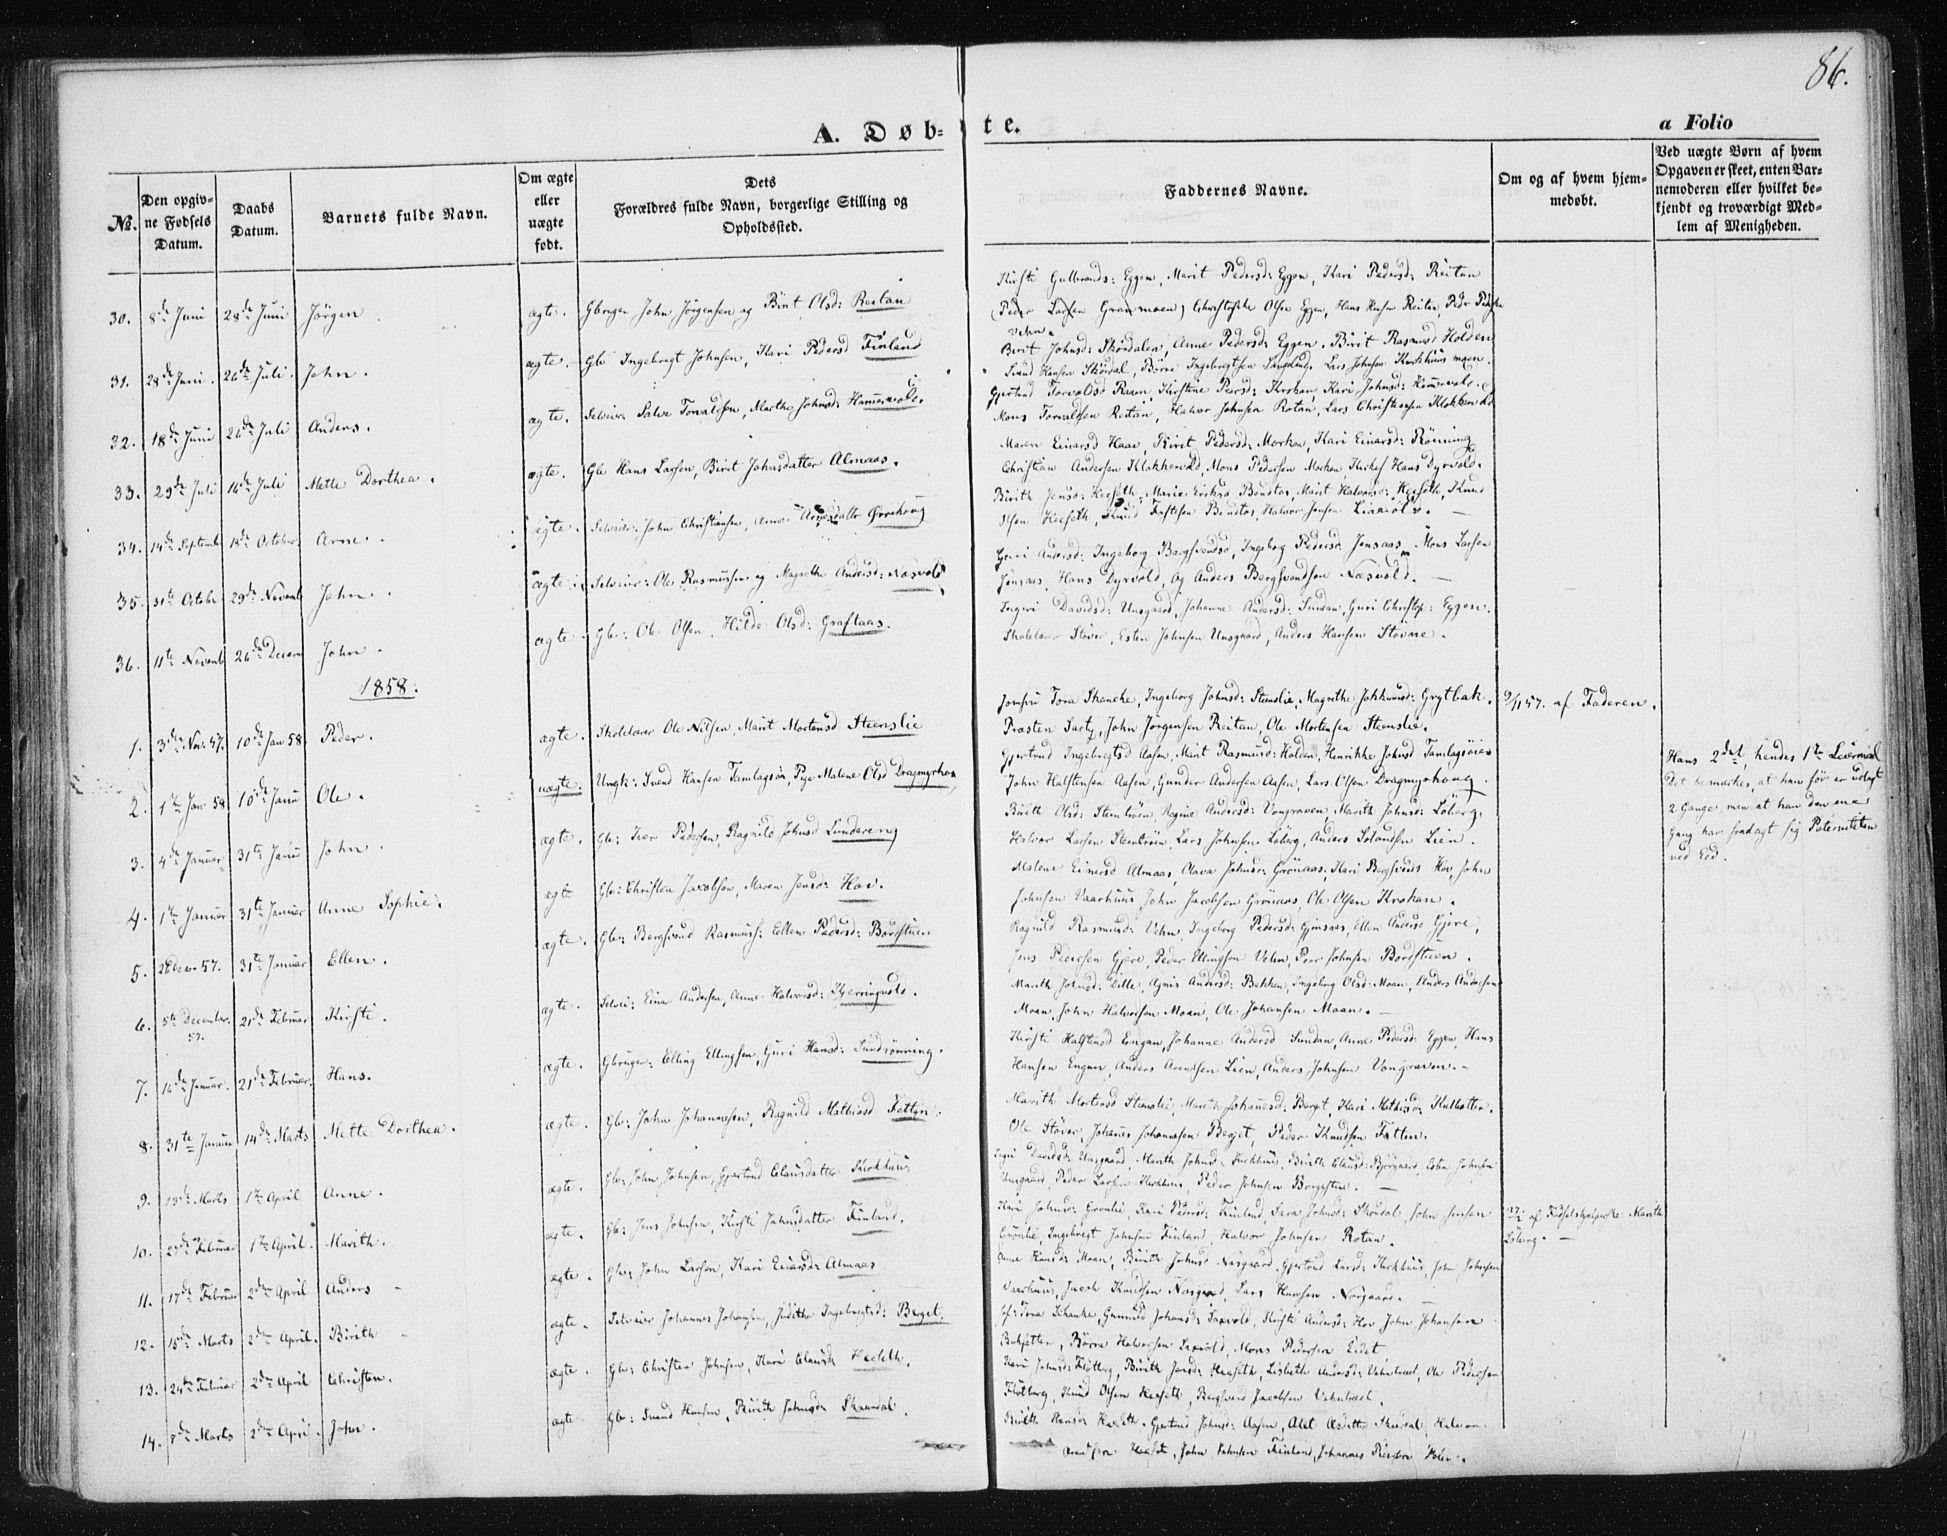 SAT, Ministerialprotokoller, klokkerbøker og fødselsregistre - Sør-Trøndelag, 685/L0965: Ministerialbok nr. 685A06 /3, 1846-1859, s. 86